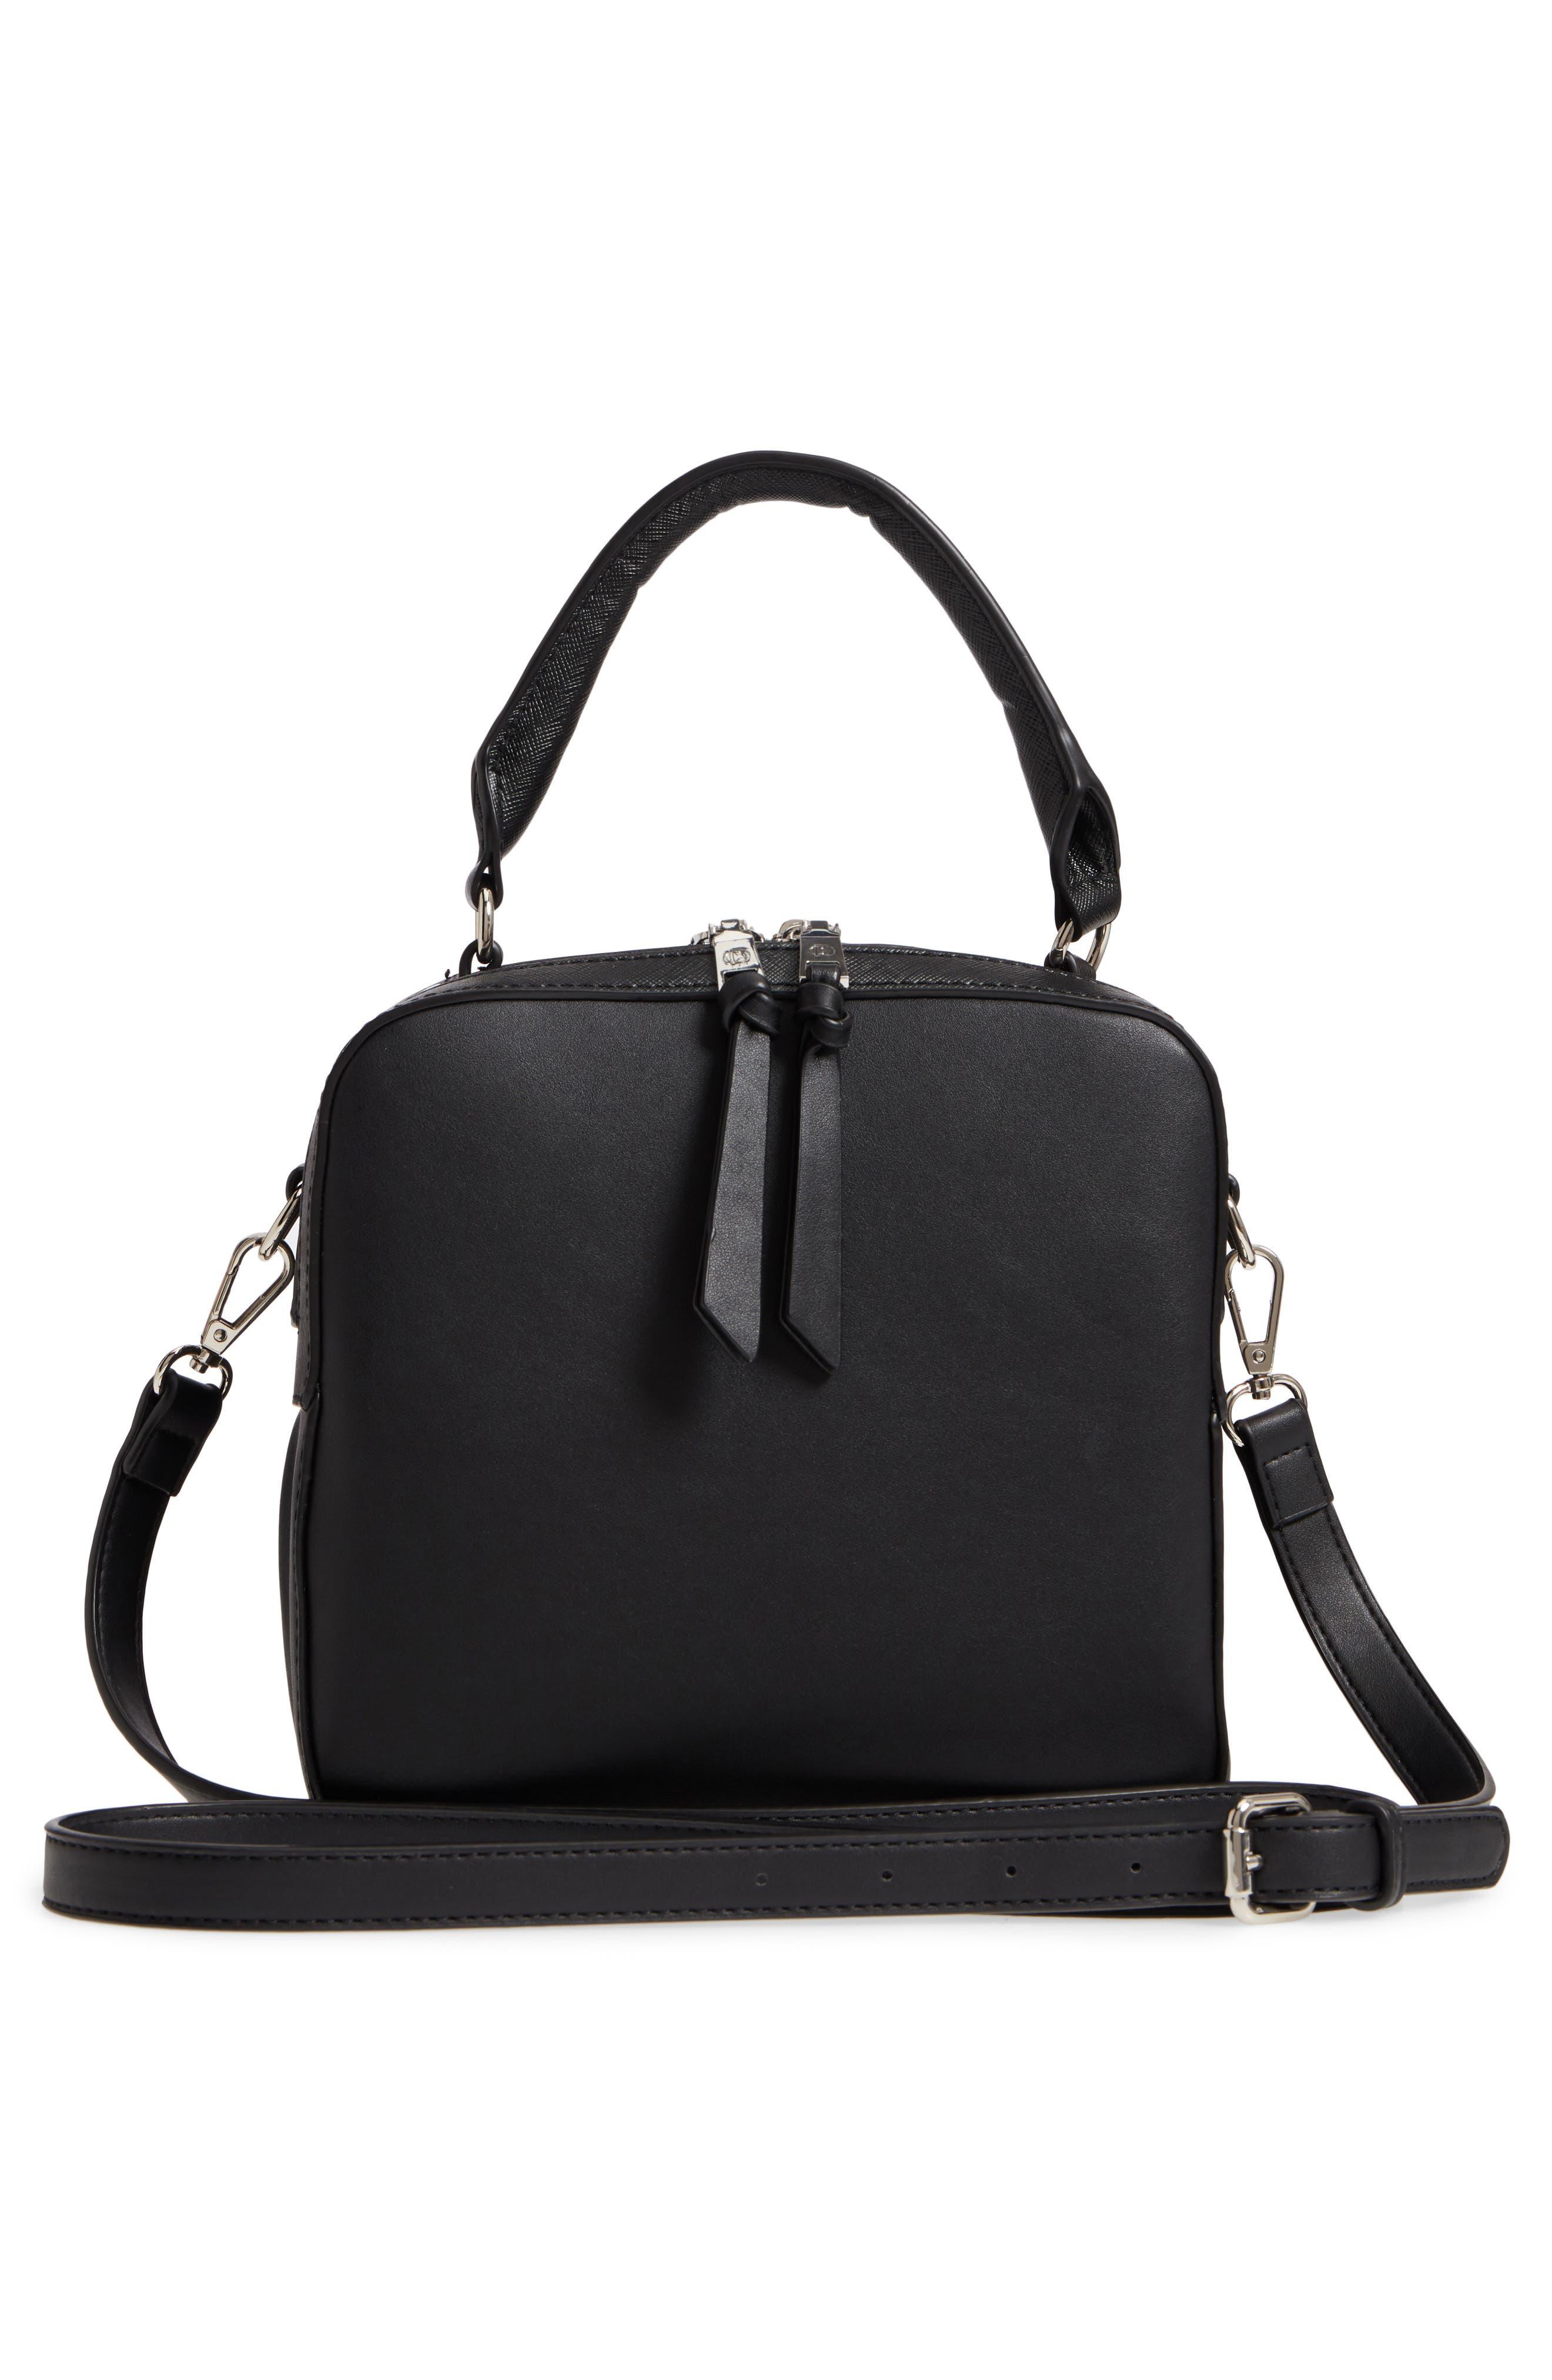 Céline Dion Motif Top Handle Leather Satchel,                             Alternate thumbnail 7, color,